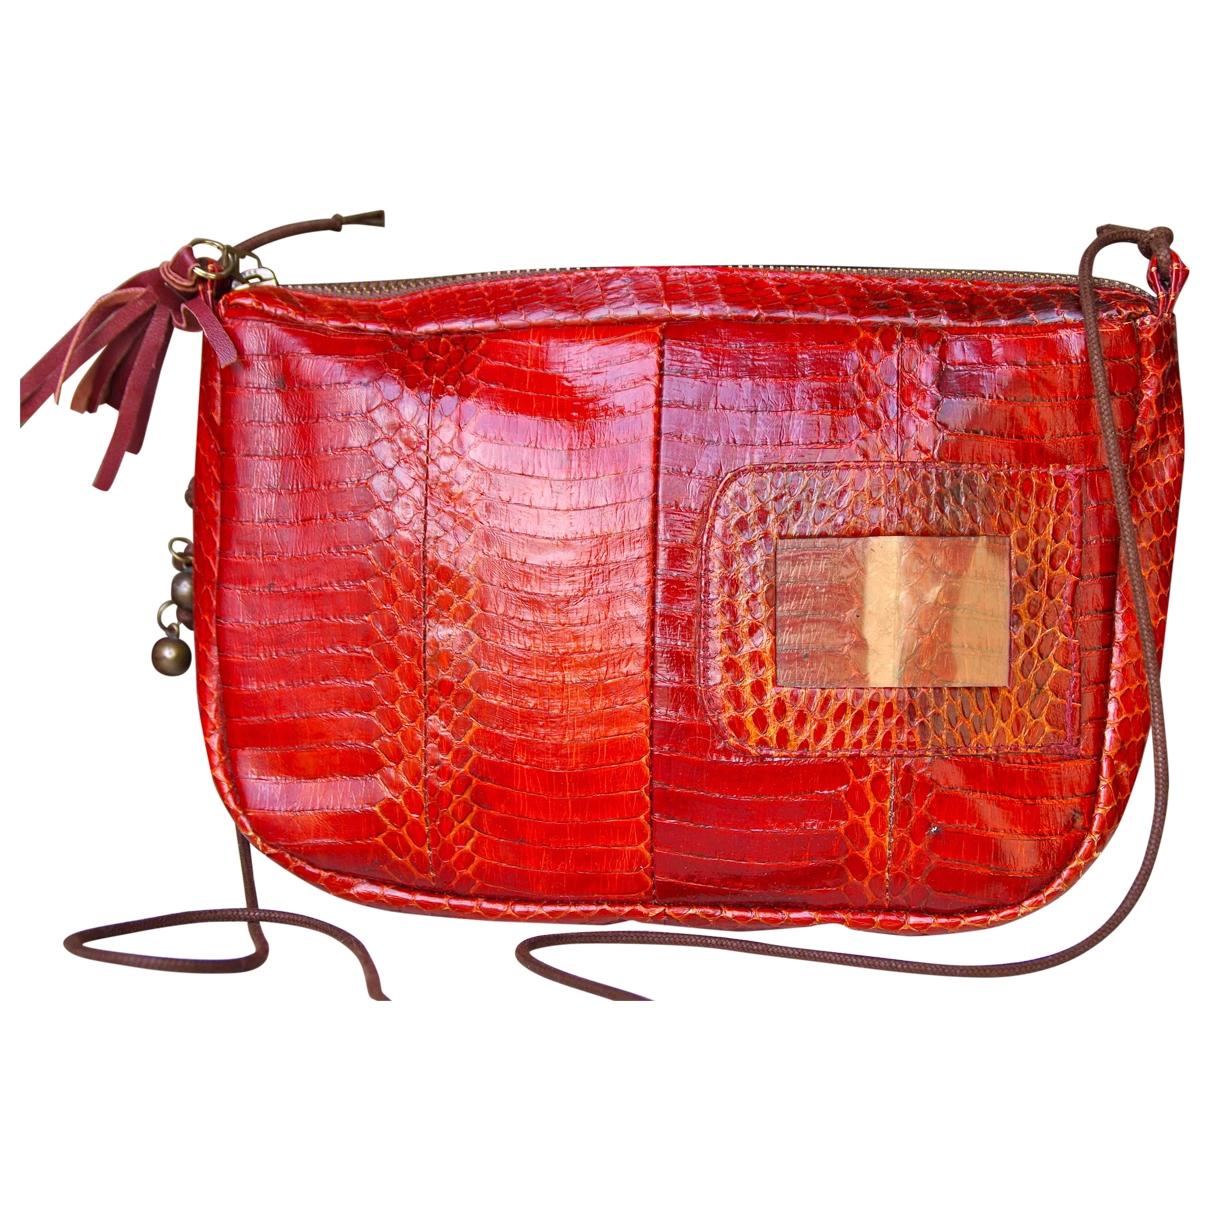 Polder \N Red Water snake handbag for Women \N